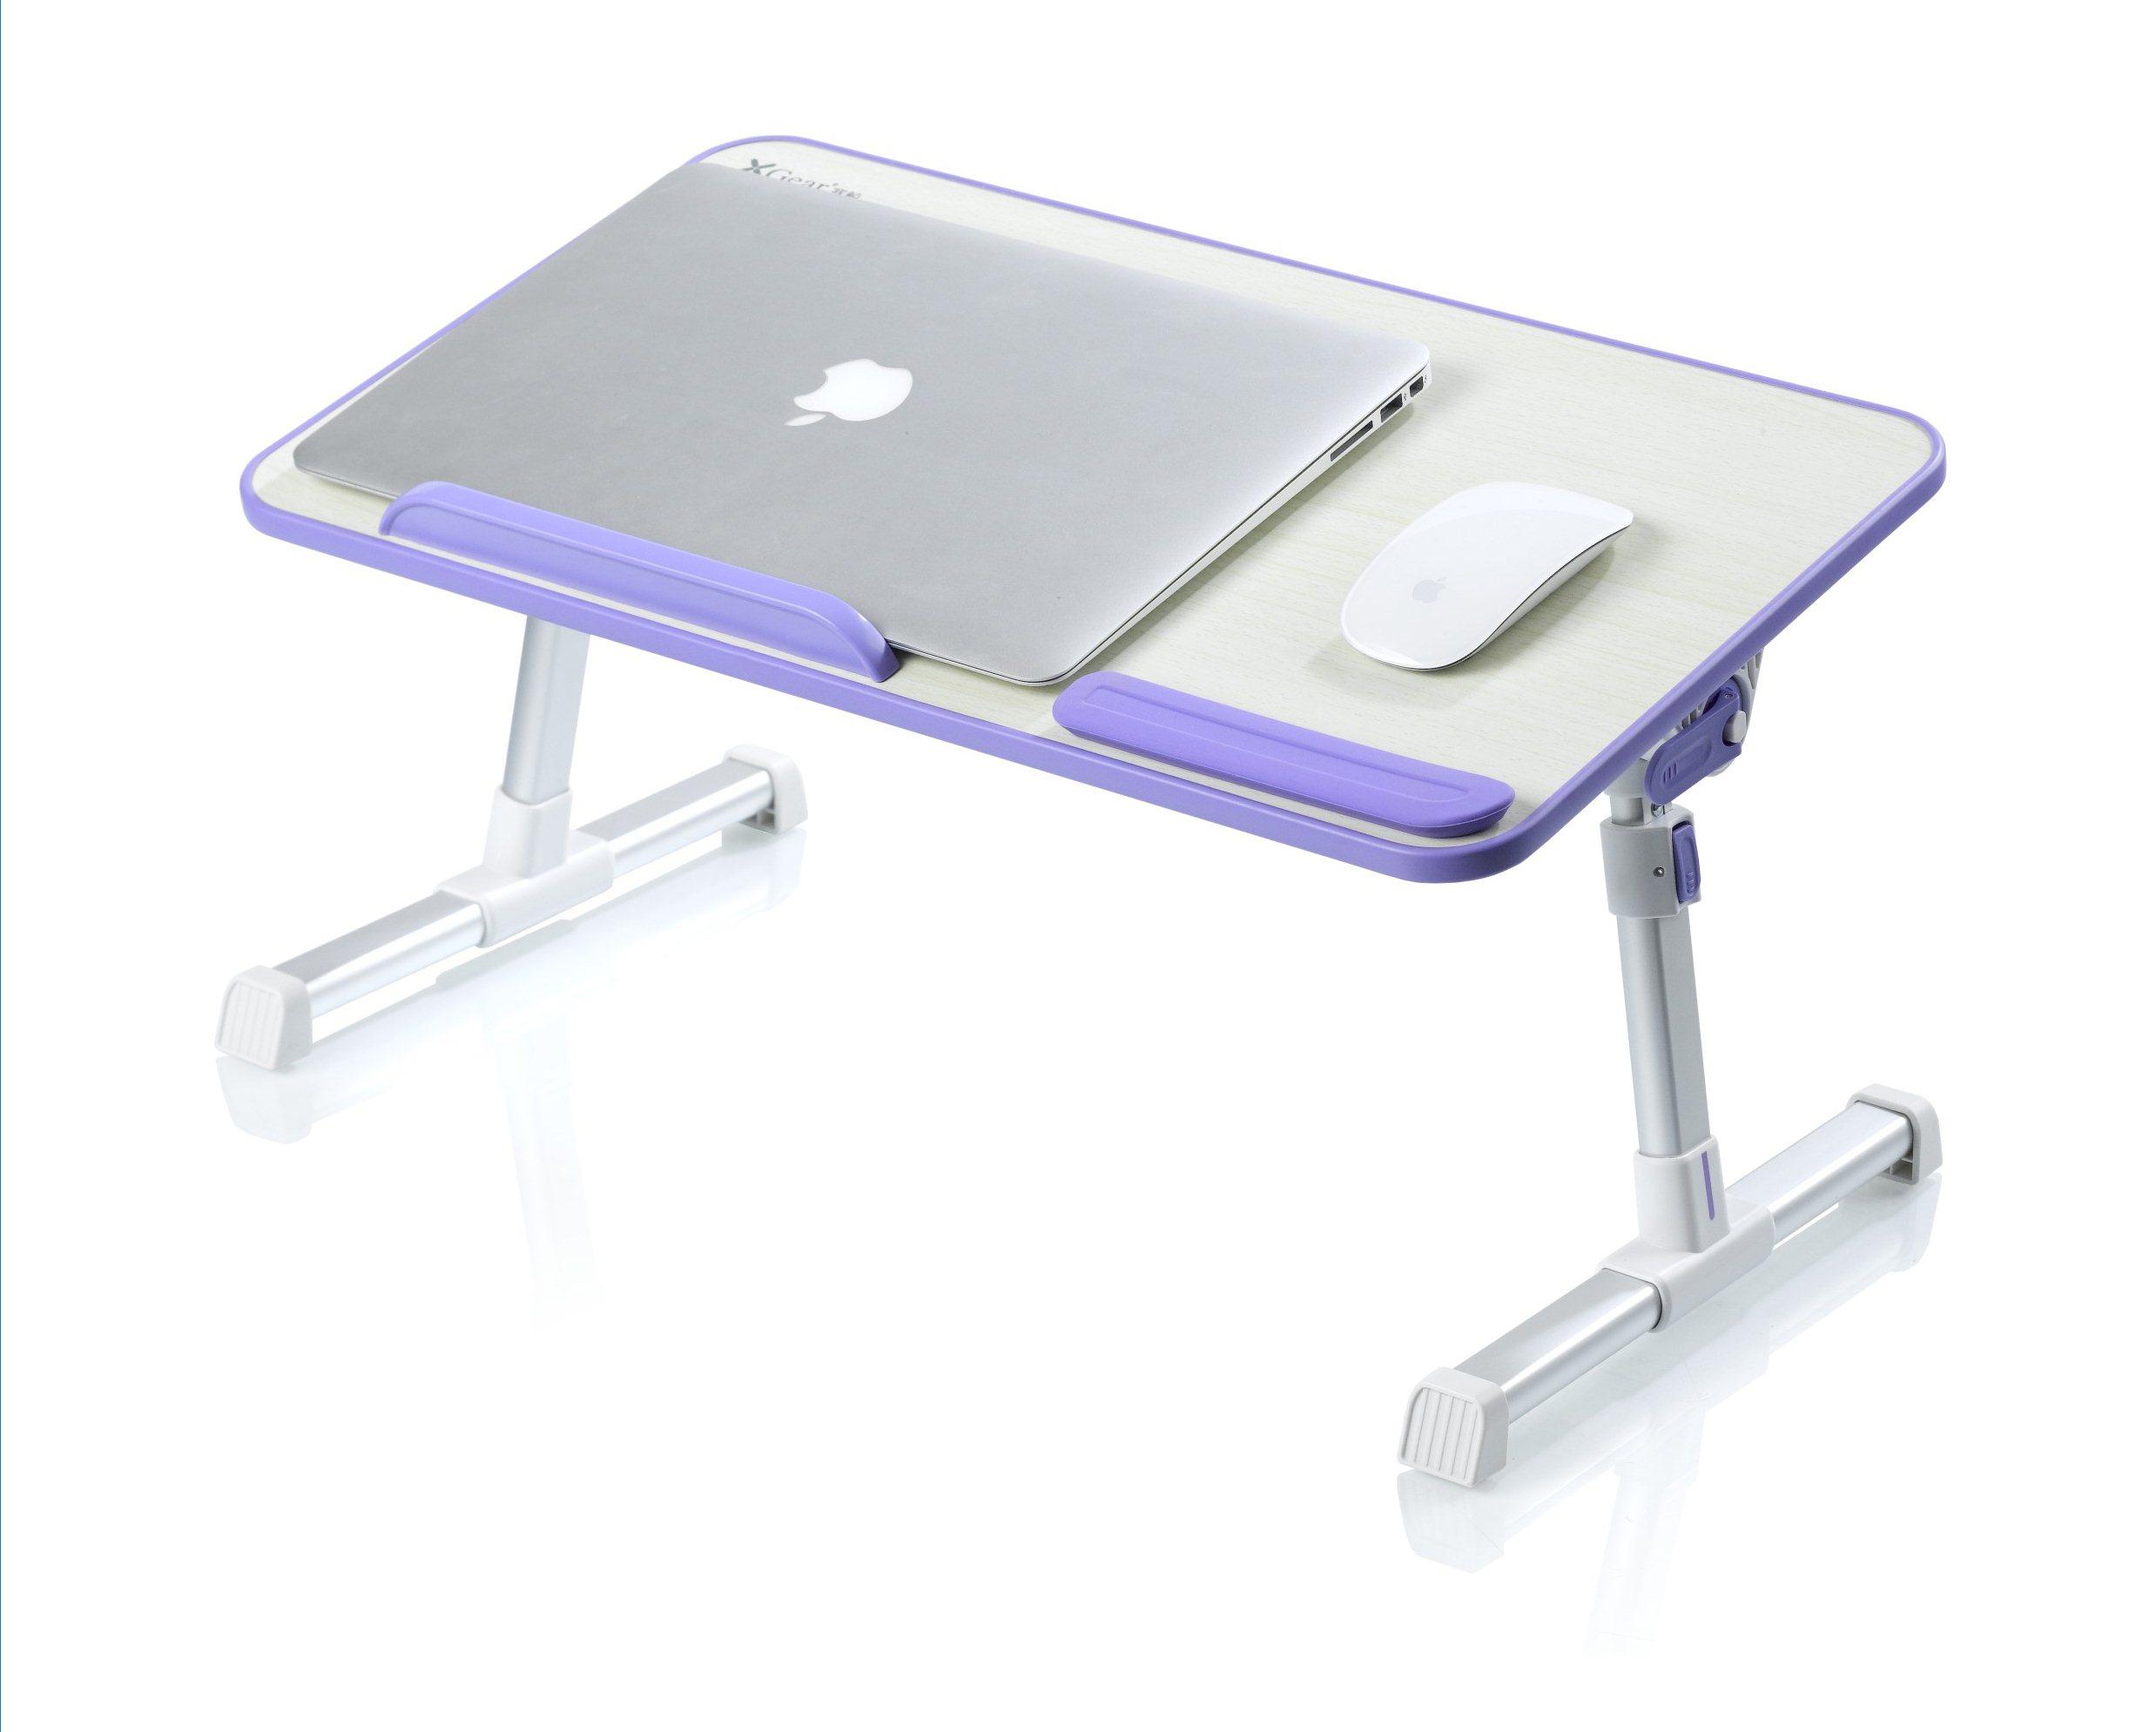 desk foldable uk etpark b accessories lapdesks amazon laptop computers co portable